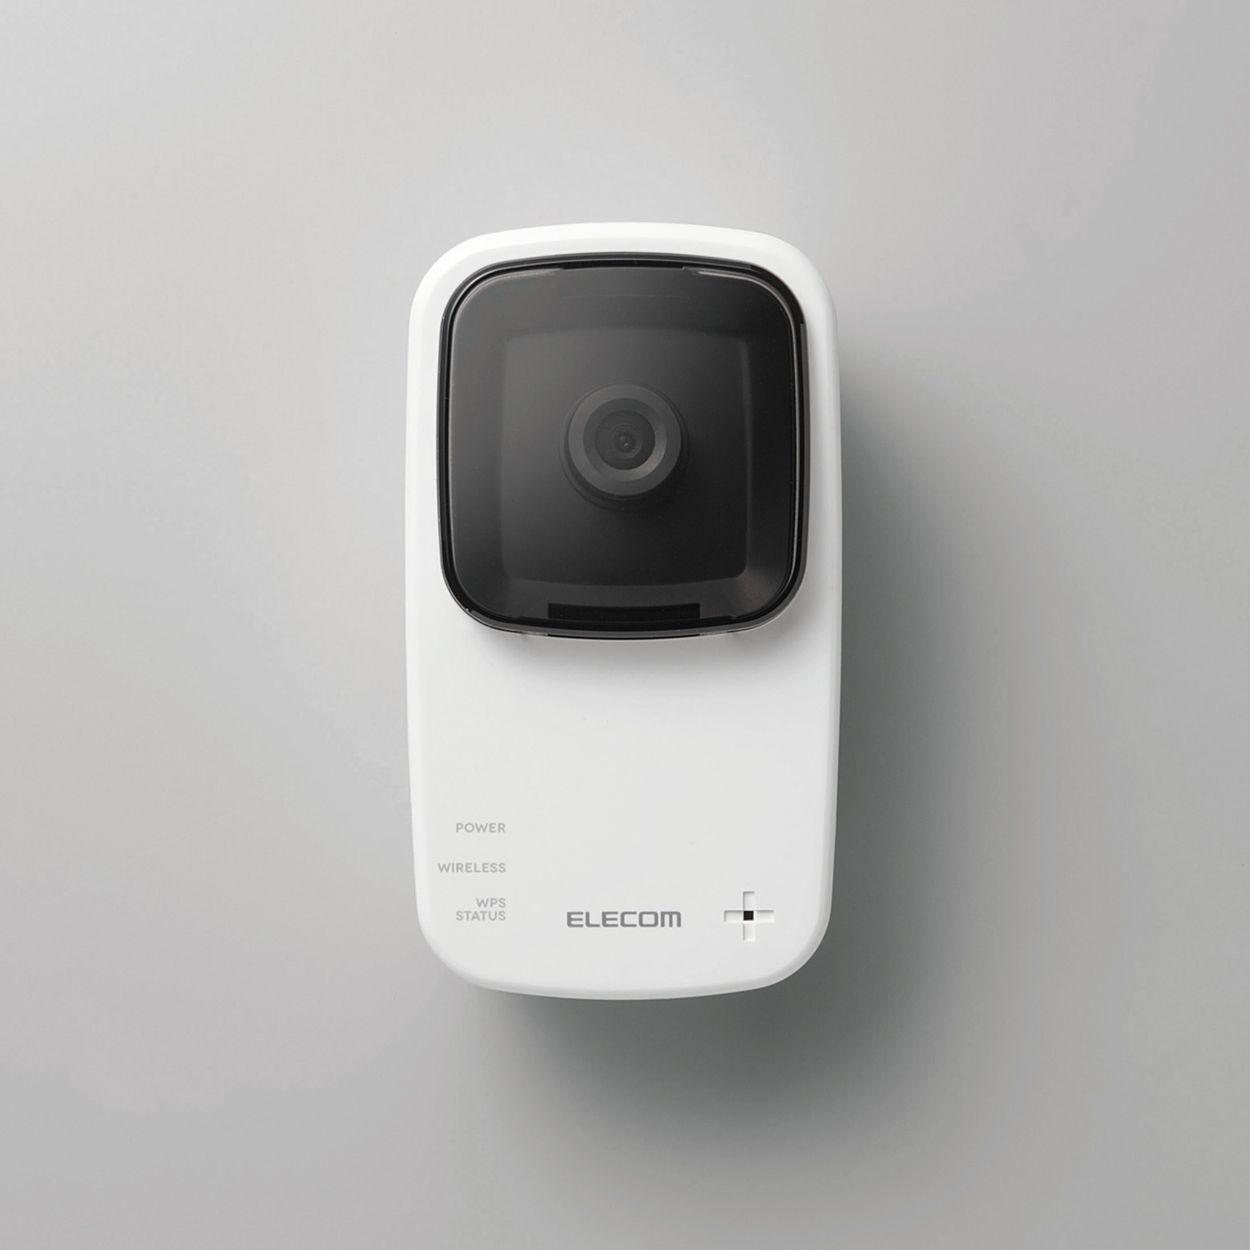 中継器機能付きネットワークカメラ マイクありモデル Tech Design Id Design Design Details